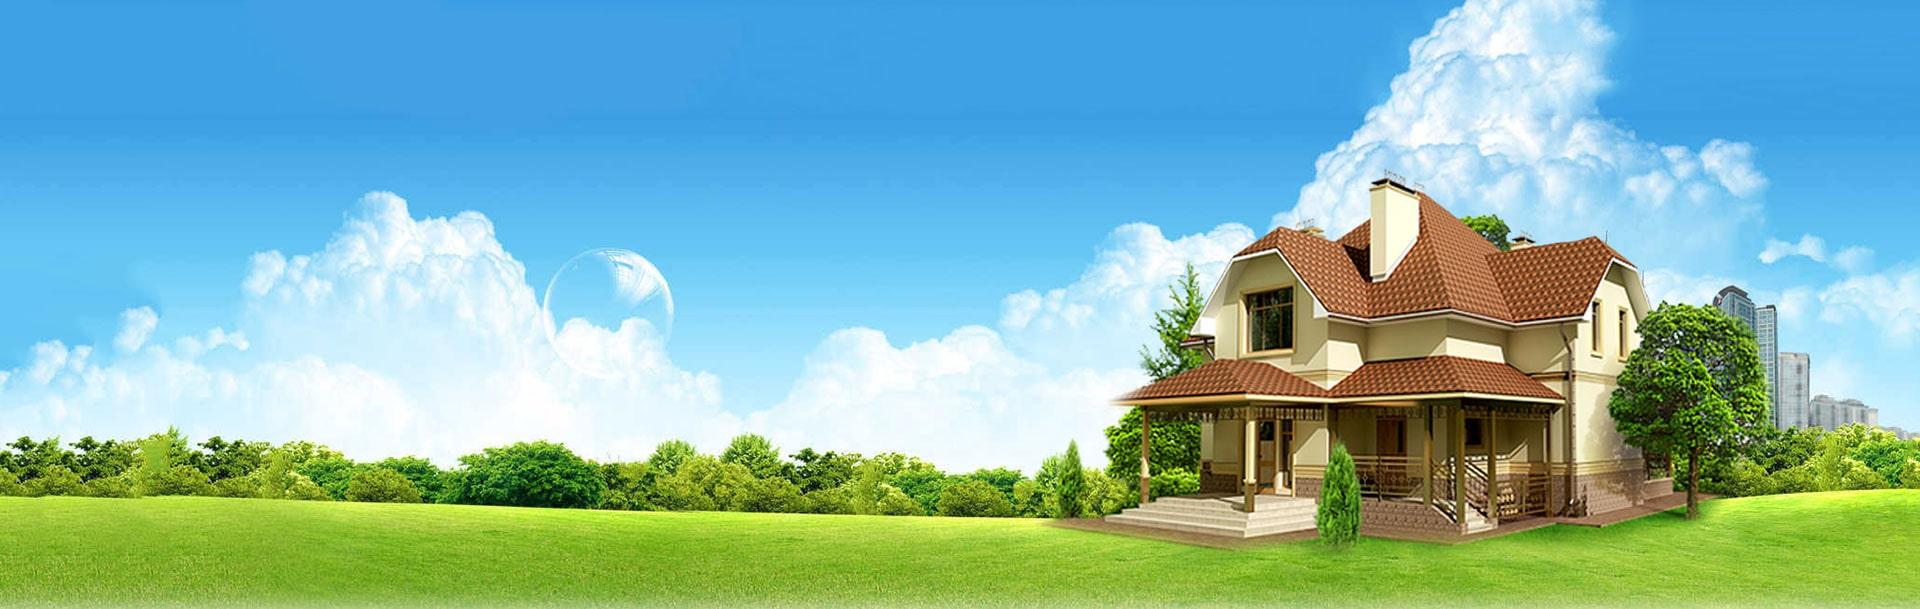 Kênh mua bán nhà đất bình dương uy tín số 1